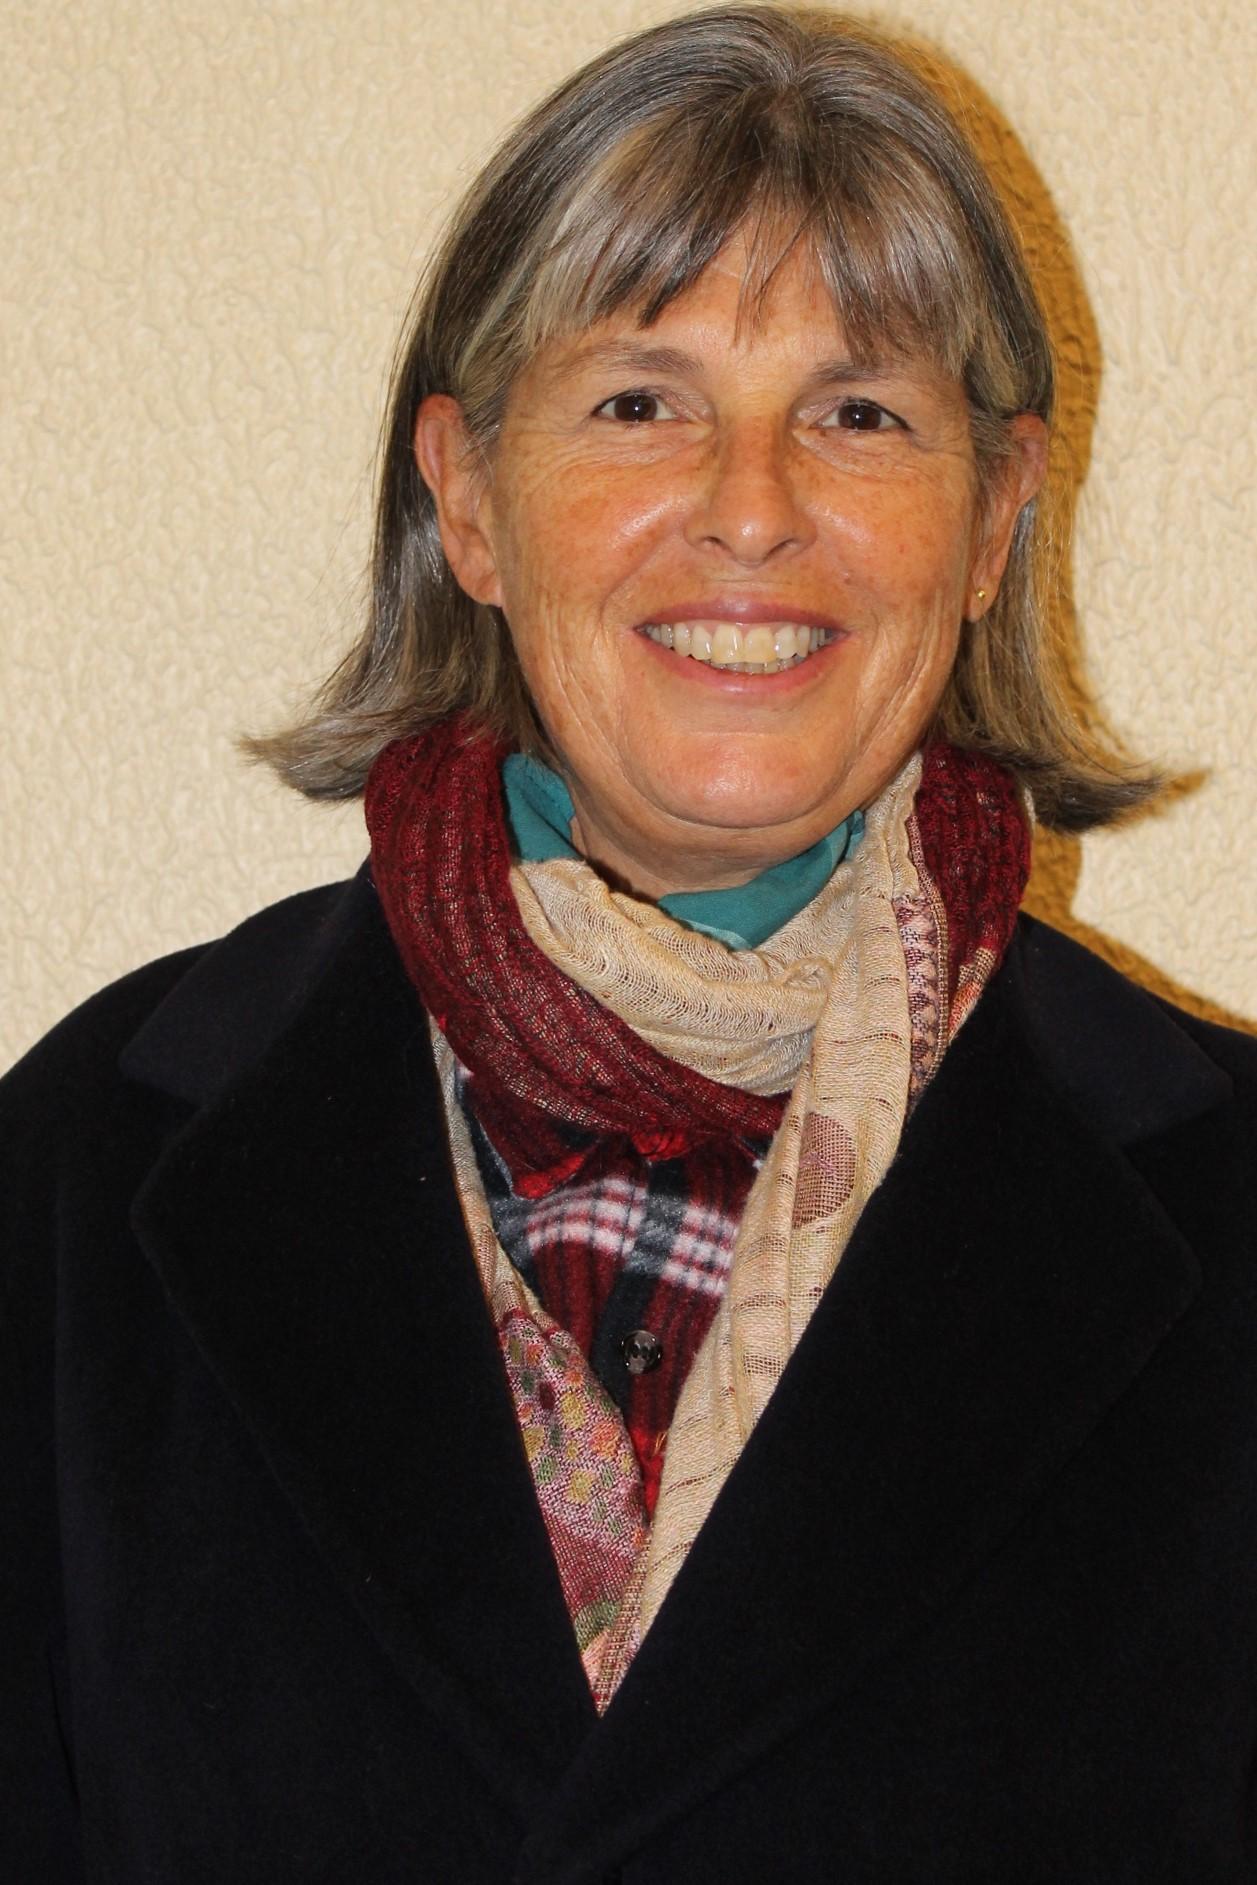 Karin Goidanich